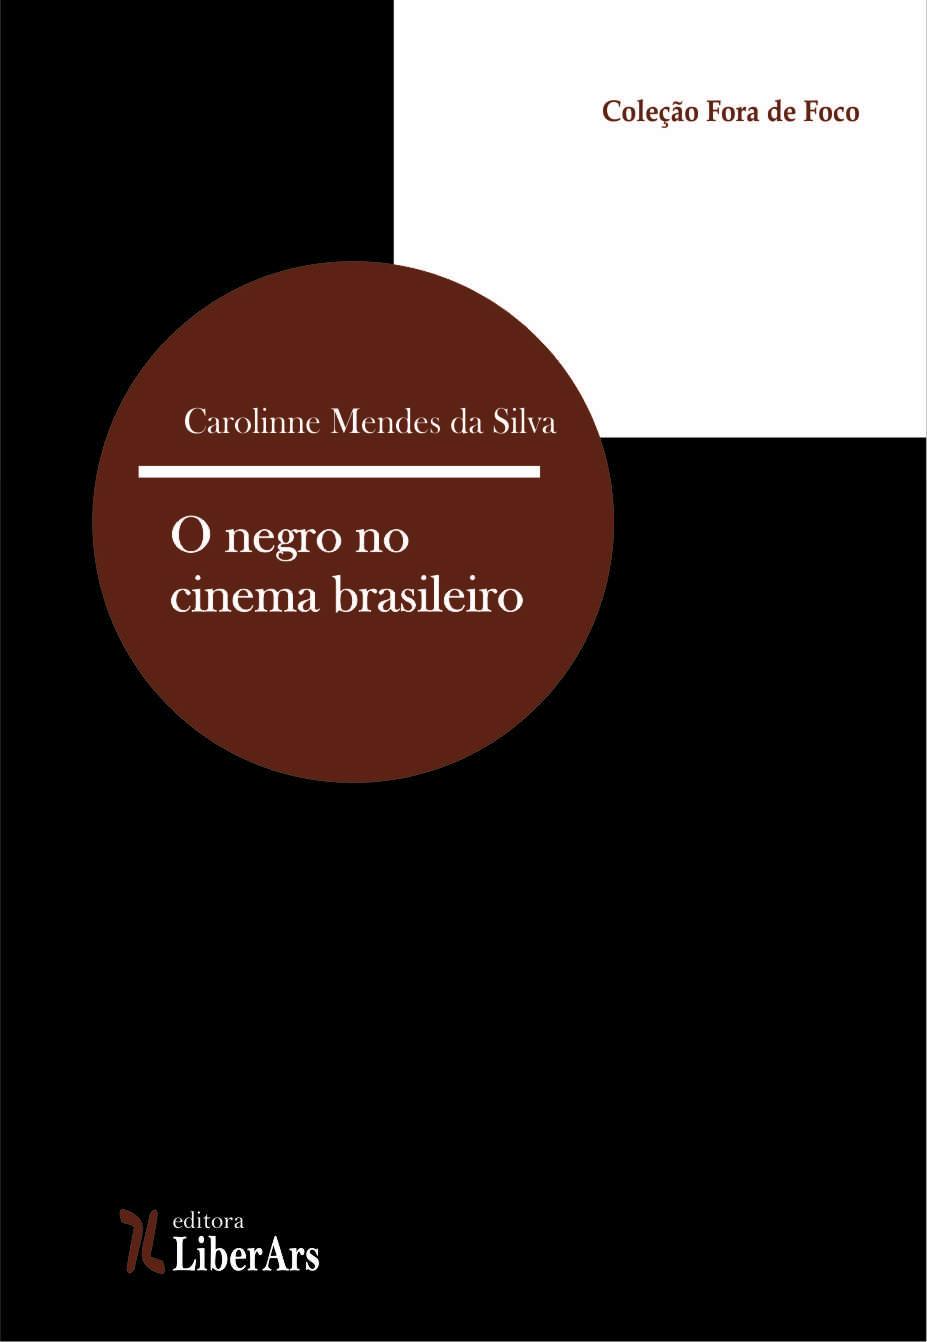 Negro no cinema brasileiro, O, livro de Carolinne Mendes da Silva